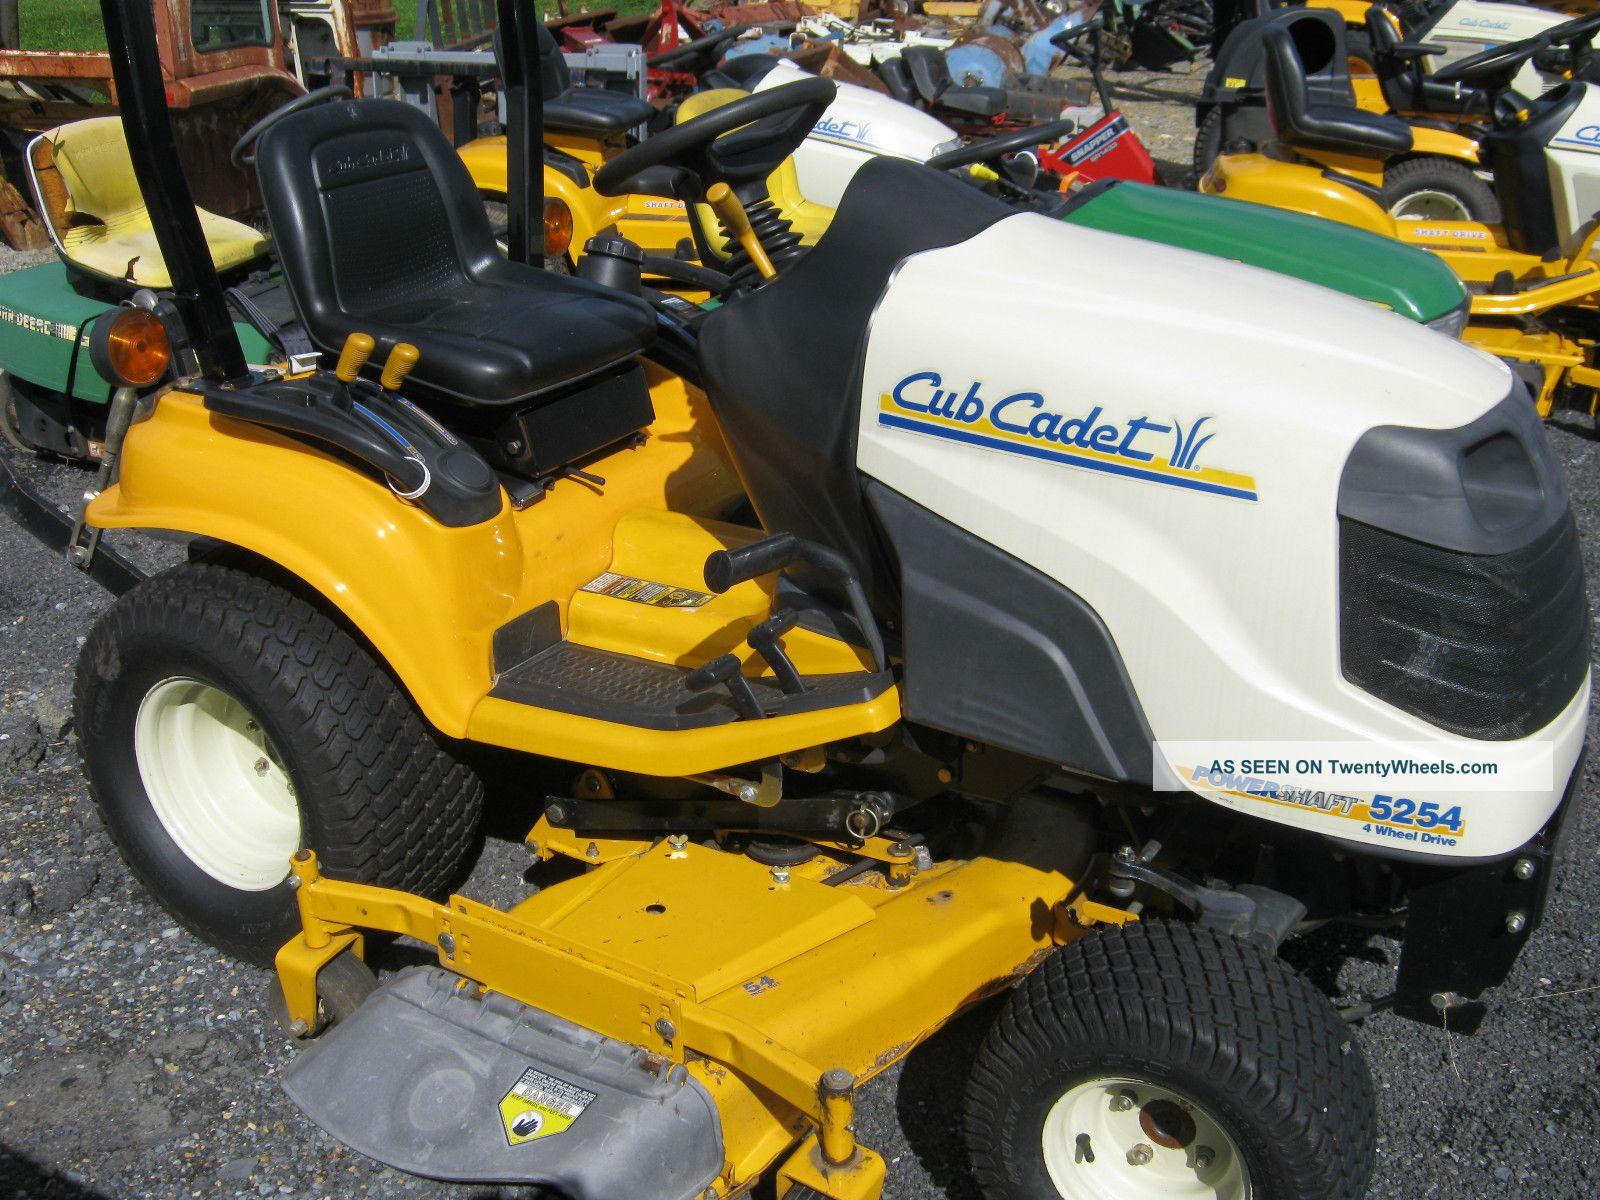 Cub Cadet 7000 Farm Tractor Tractors Bolens G174 Wiring Diagram 2004 5254 4x4 Utilitytractor Photo 1